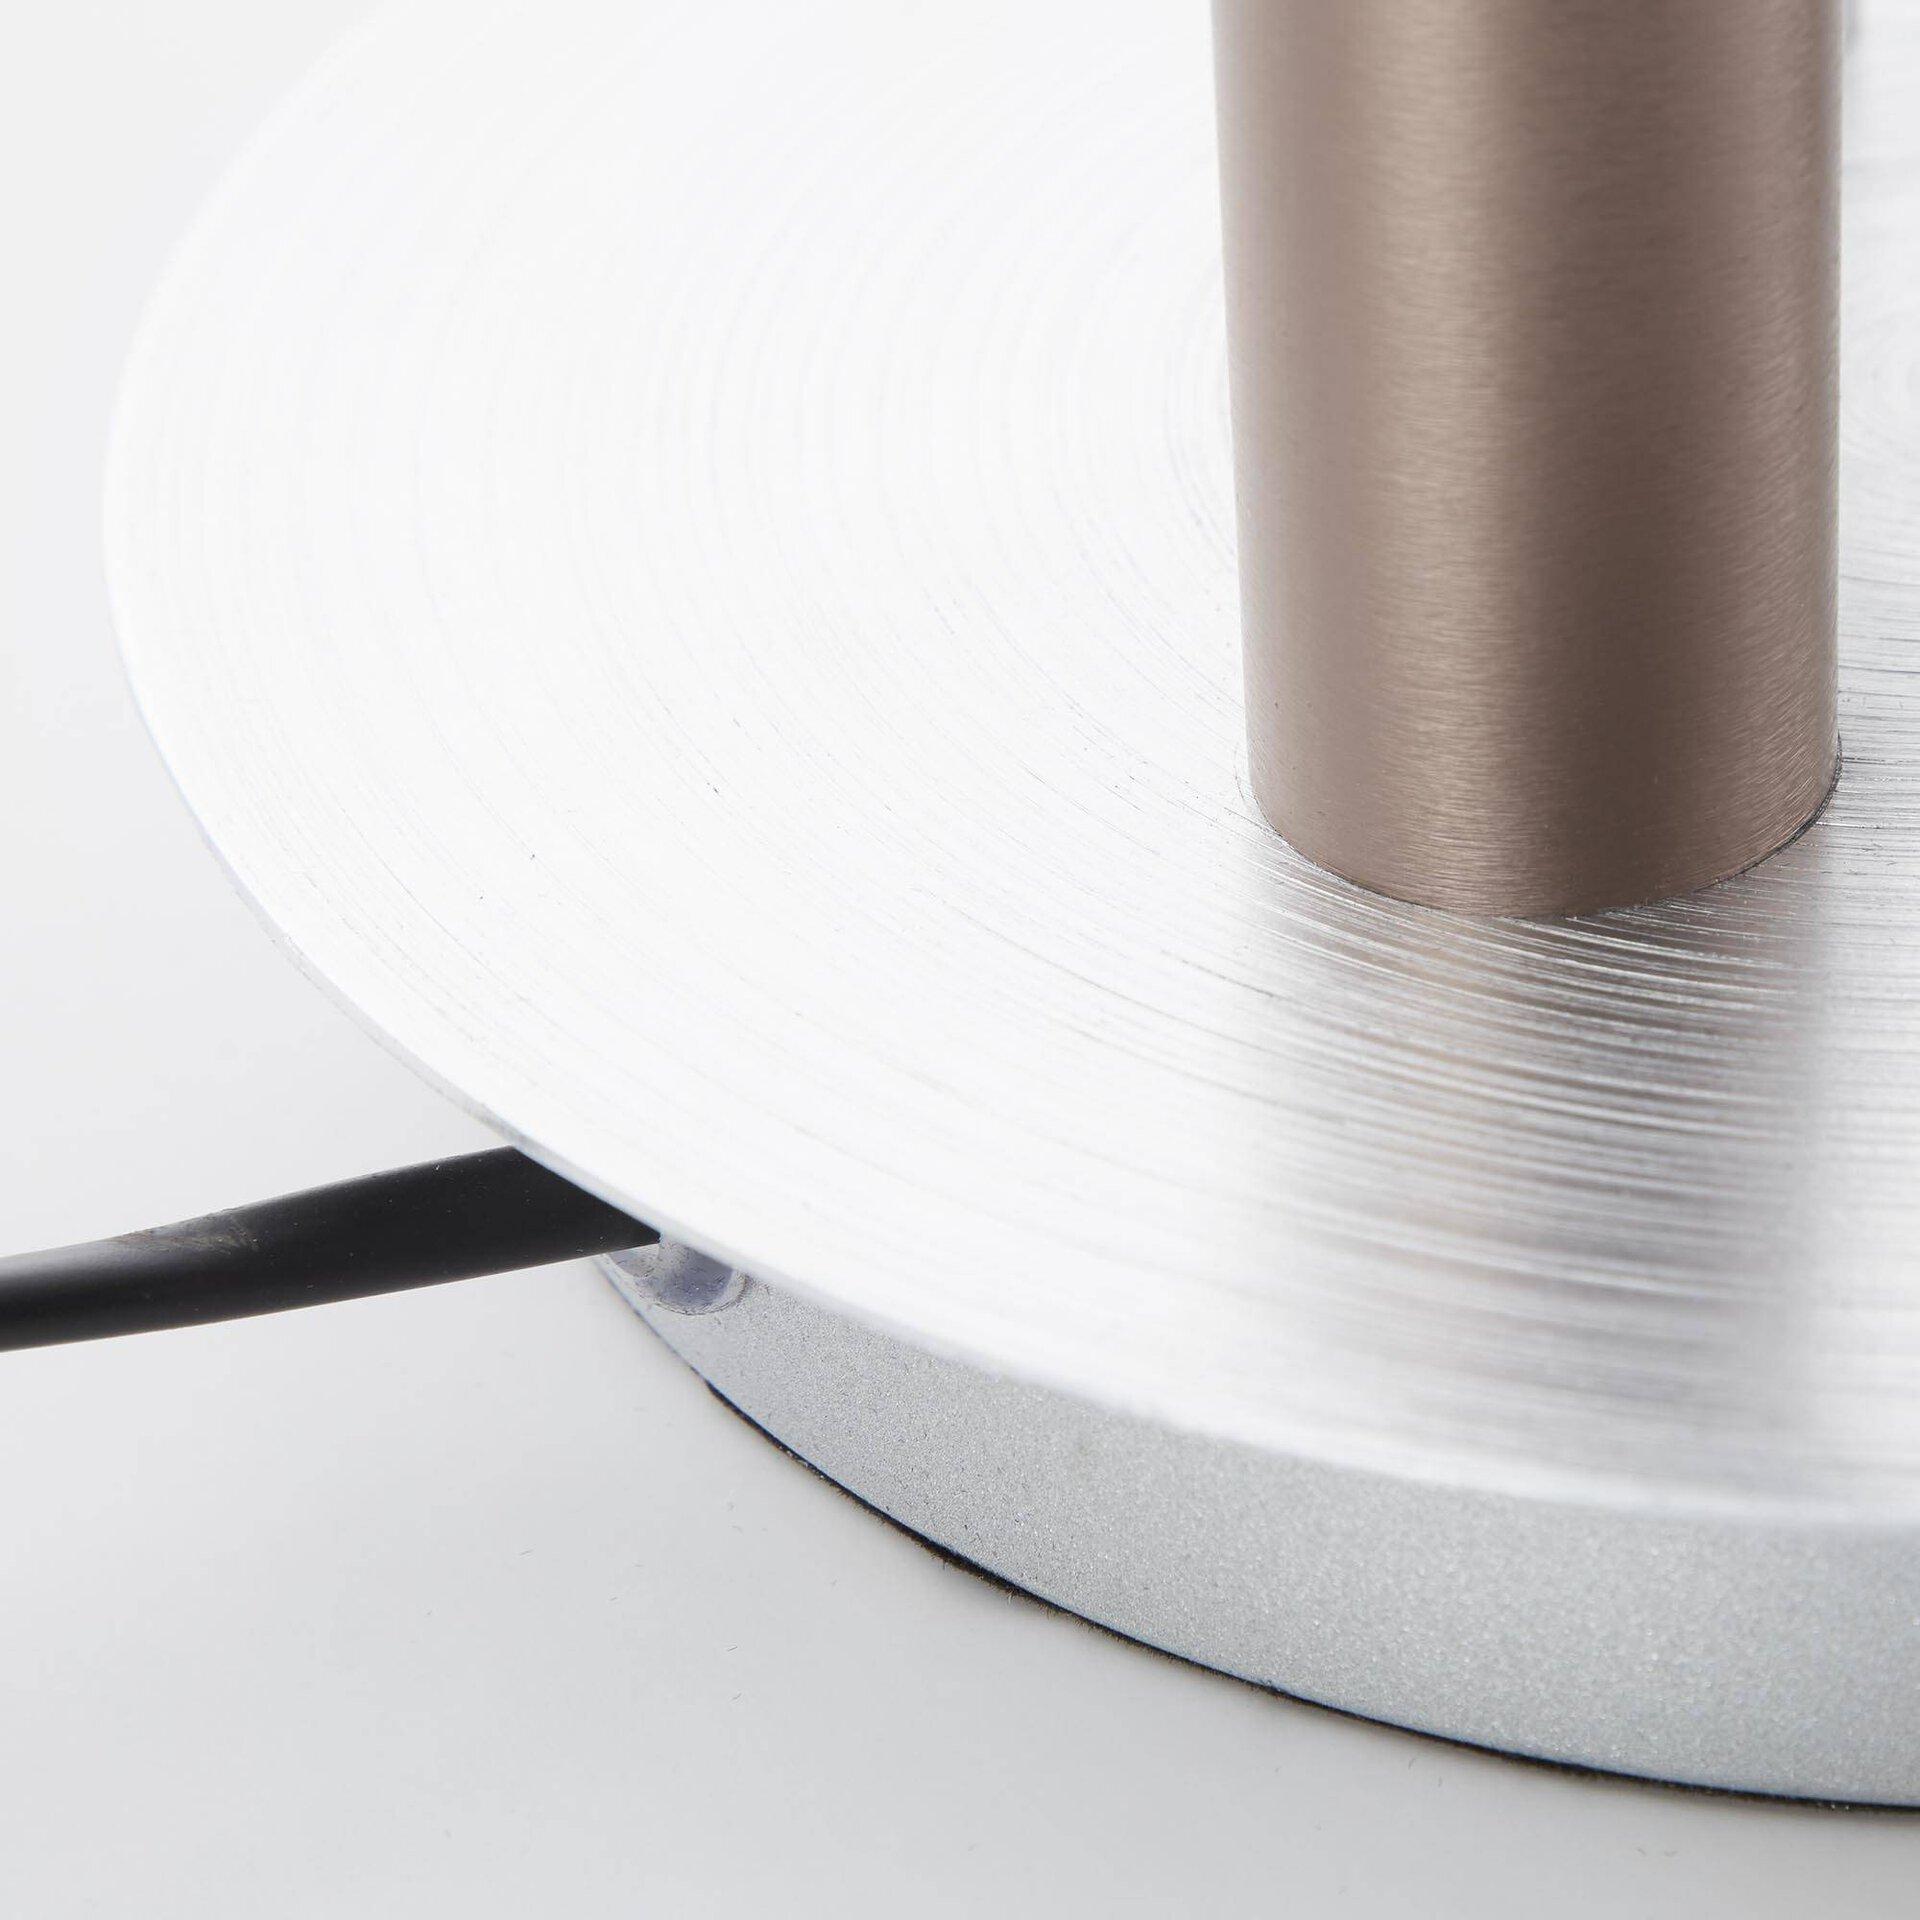 Tischleuchte CEMBALO Brilliant Metall silber 18 x 47 x 18 cm